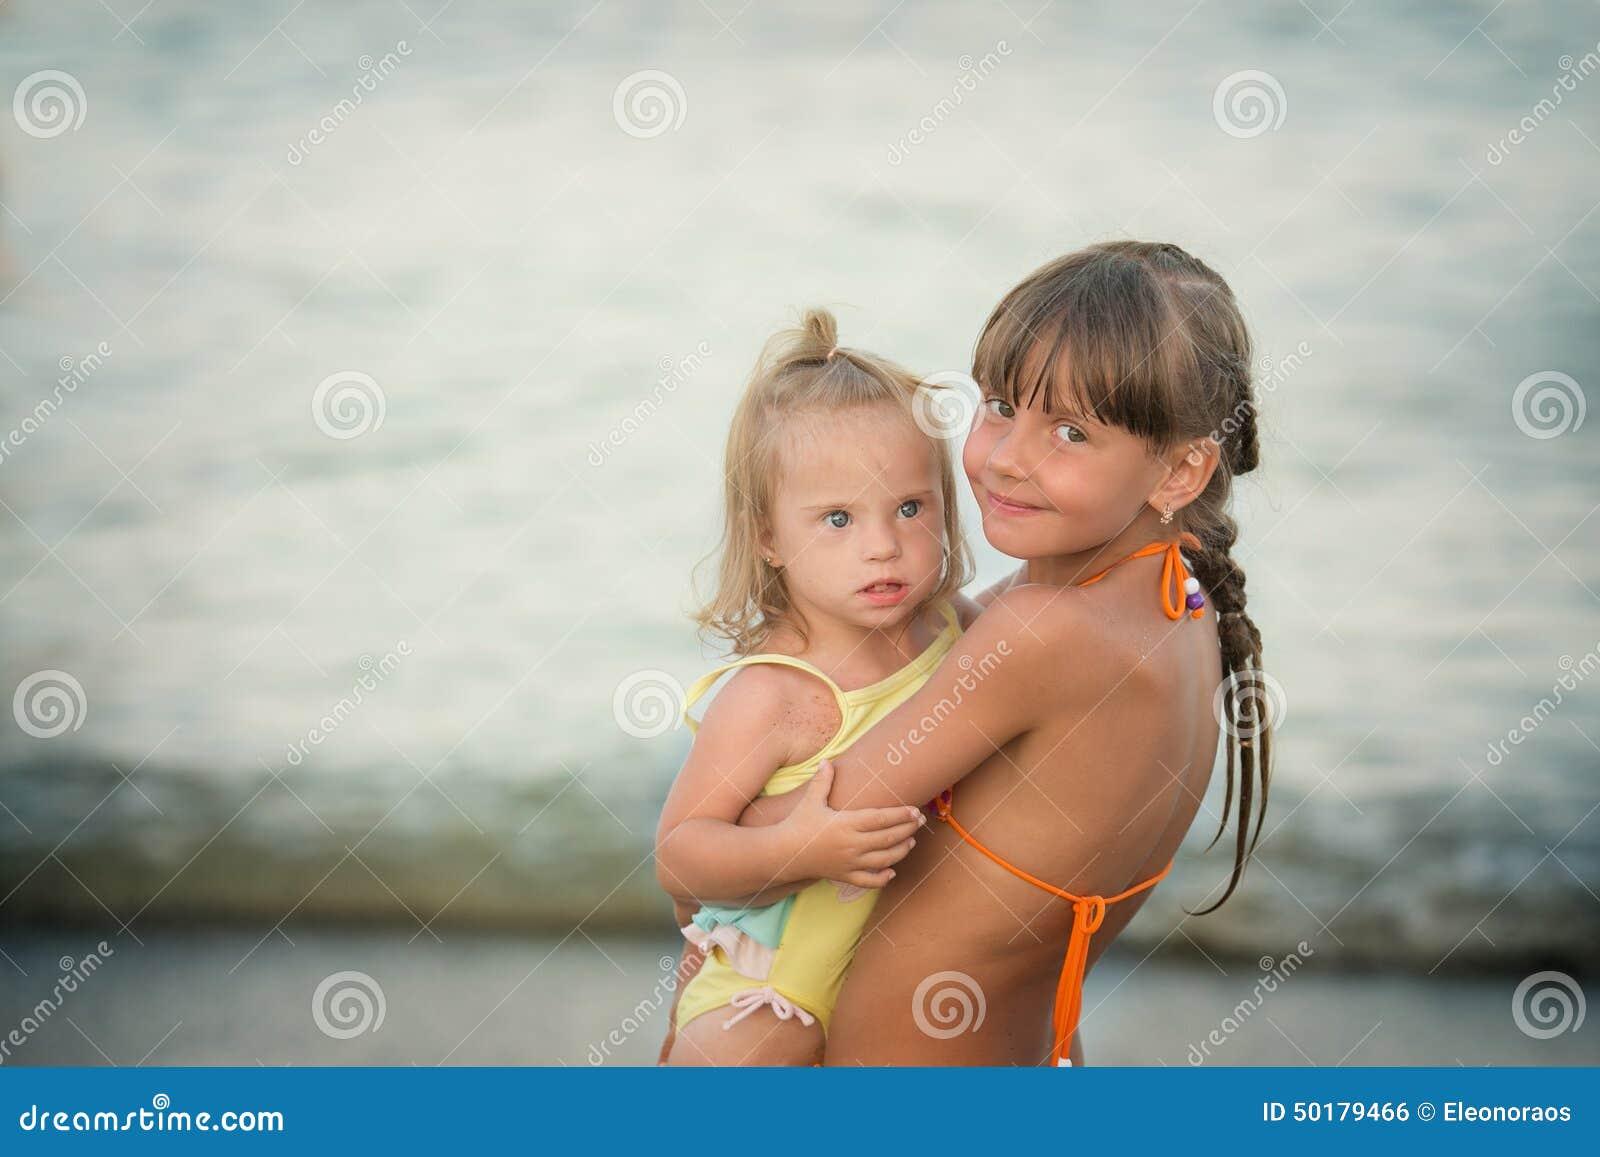 La soeur d épouvantail embrasse affectueusement sa soeur avec la trisomie 21